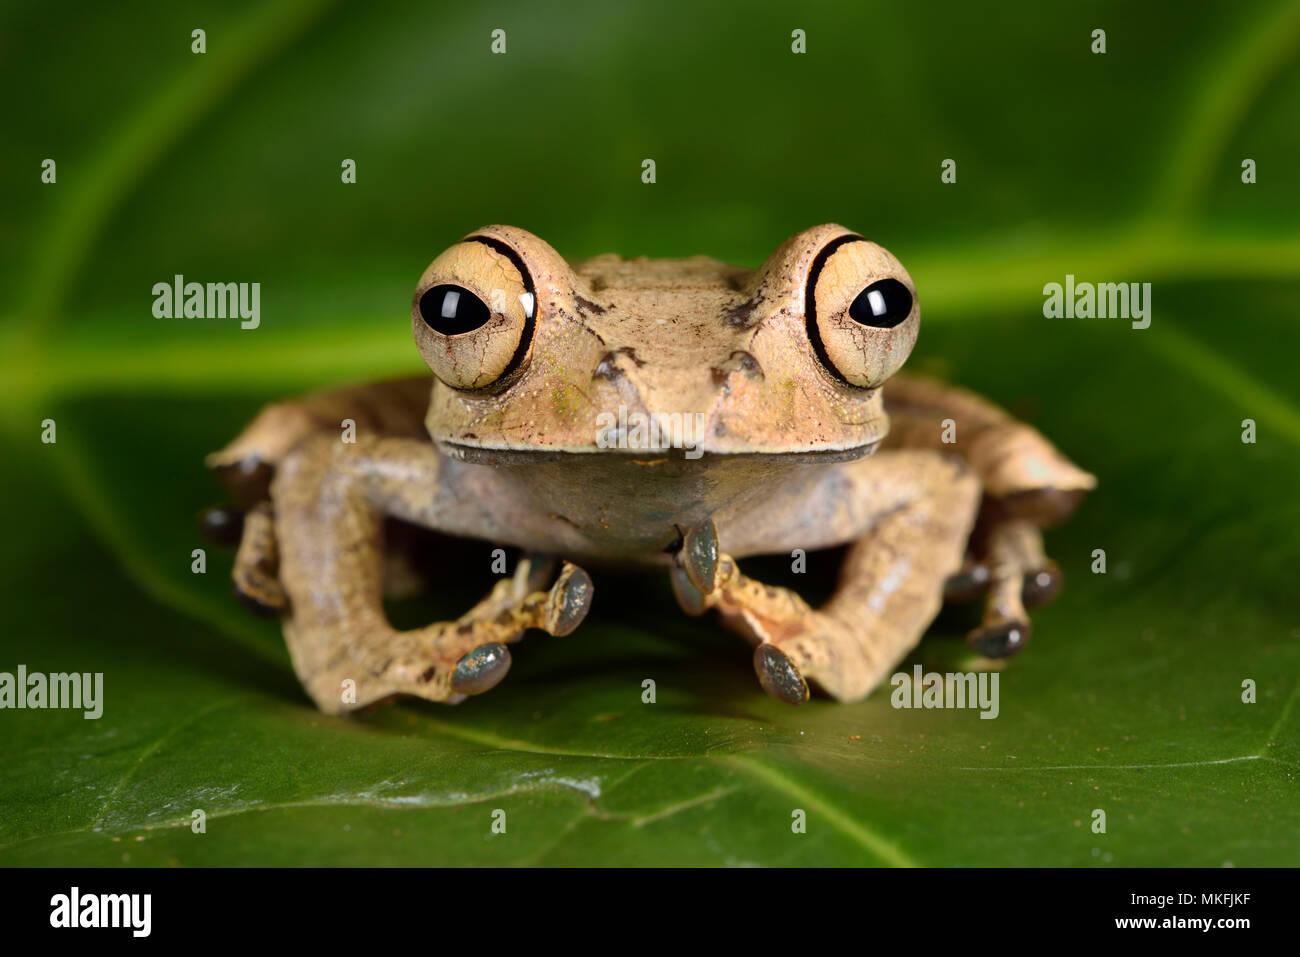 Bright-eyed Frog (Boophis entingae), Andasibe, Perinet, Alaotra-Mangoro Region, Madagascar - Stock Image